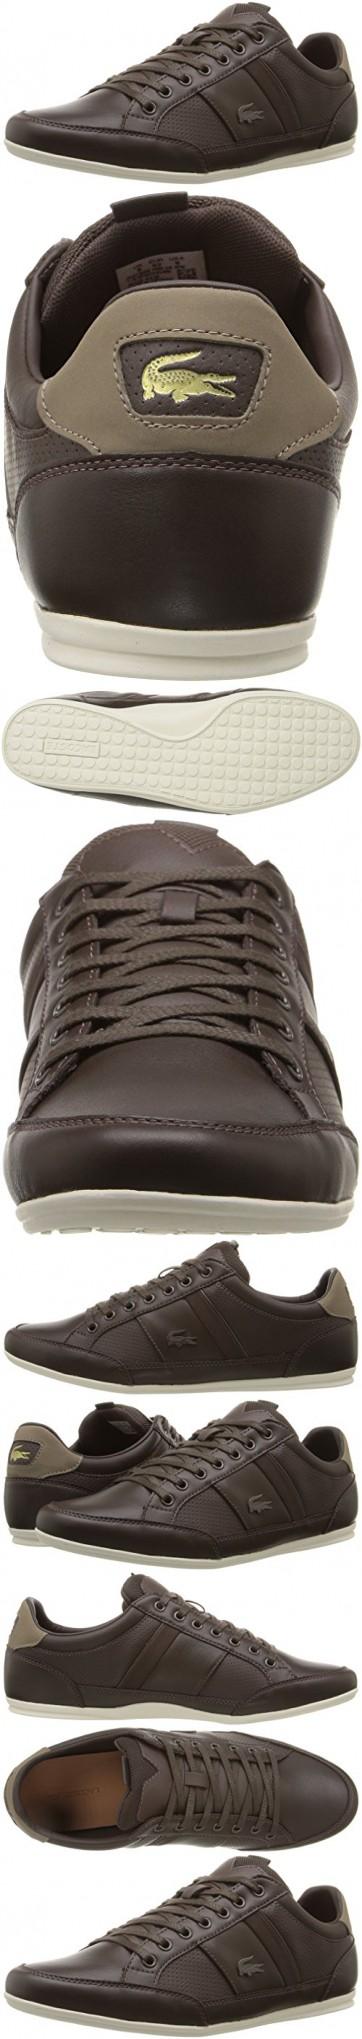 60954b4fd Lacoste Men s Chaymon Prm Fashion Sneaker